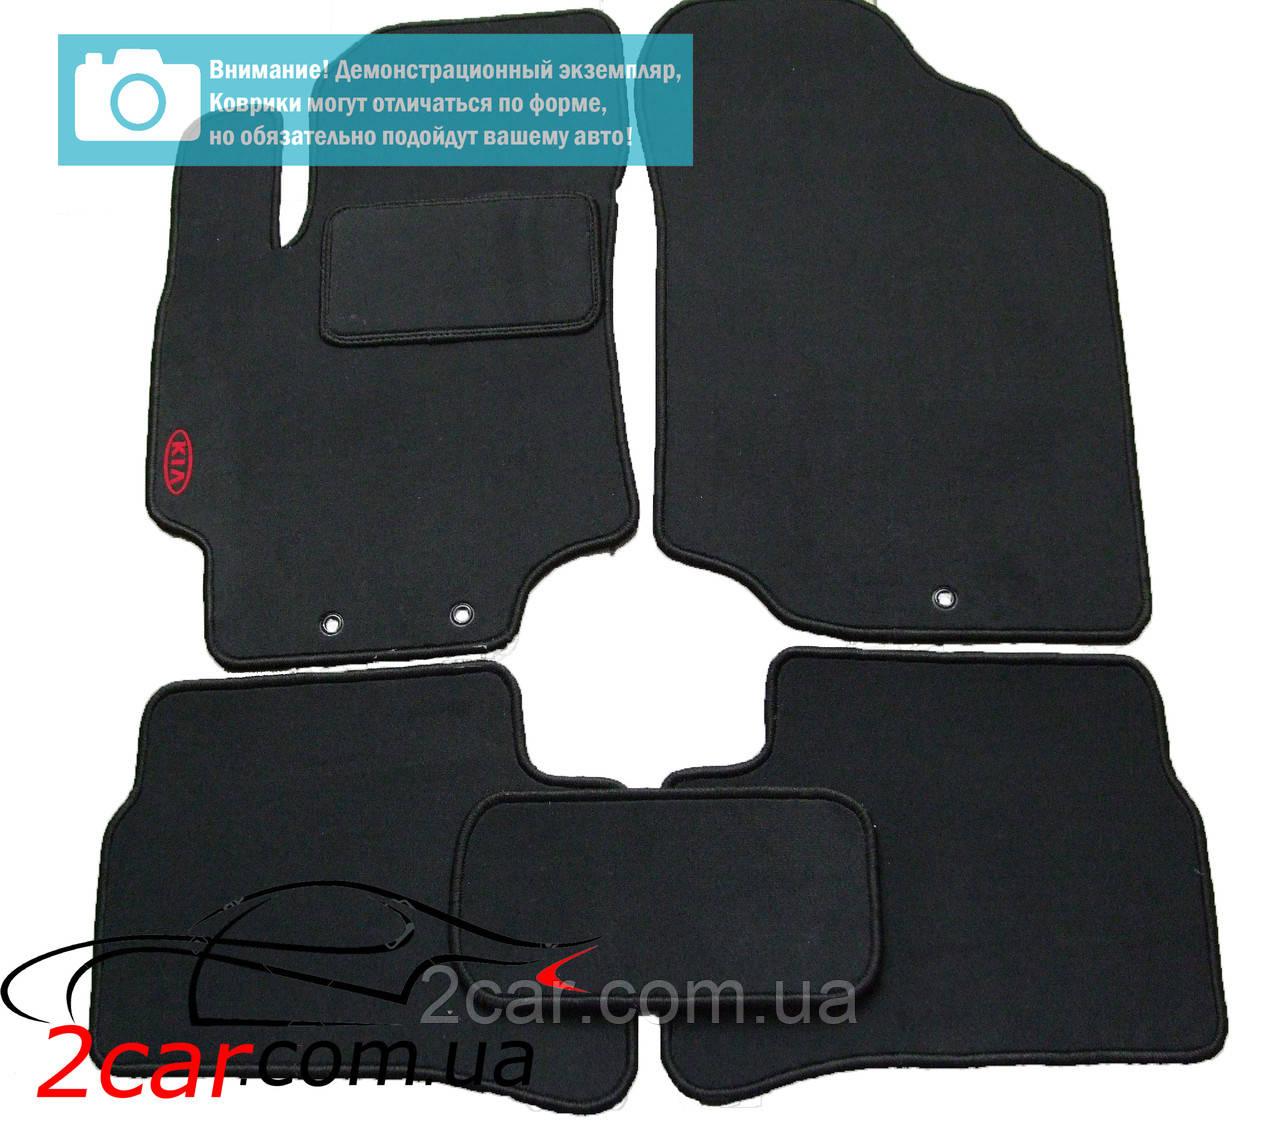 Текстильные коврики в салон для Infiniti FX-35,FX-45 (2003-2010) (чёрн